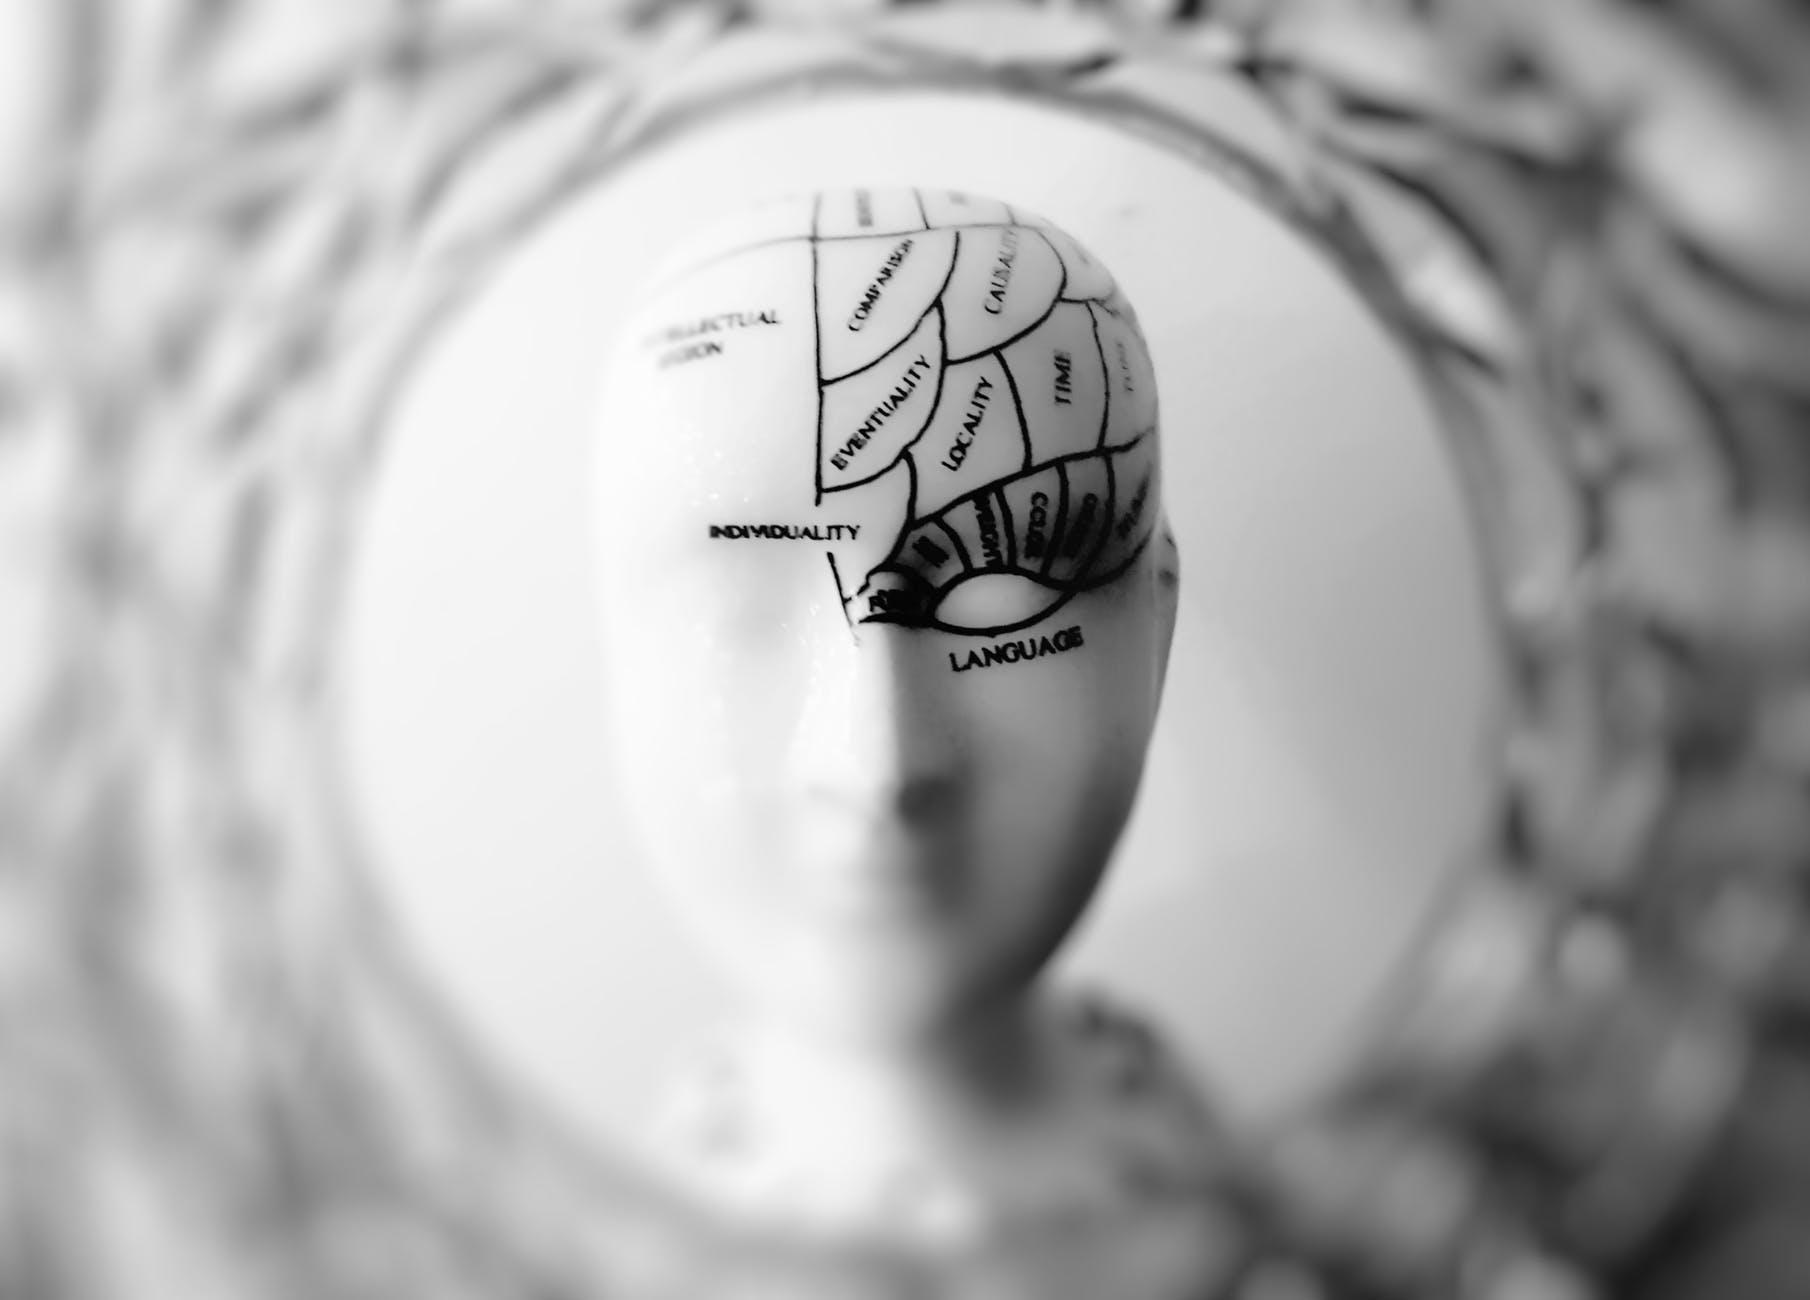 انتبهوا إلى أعراض الاصابة بالسكتة الدماغية